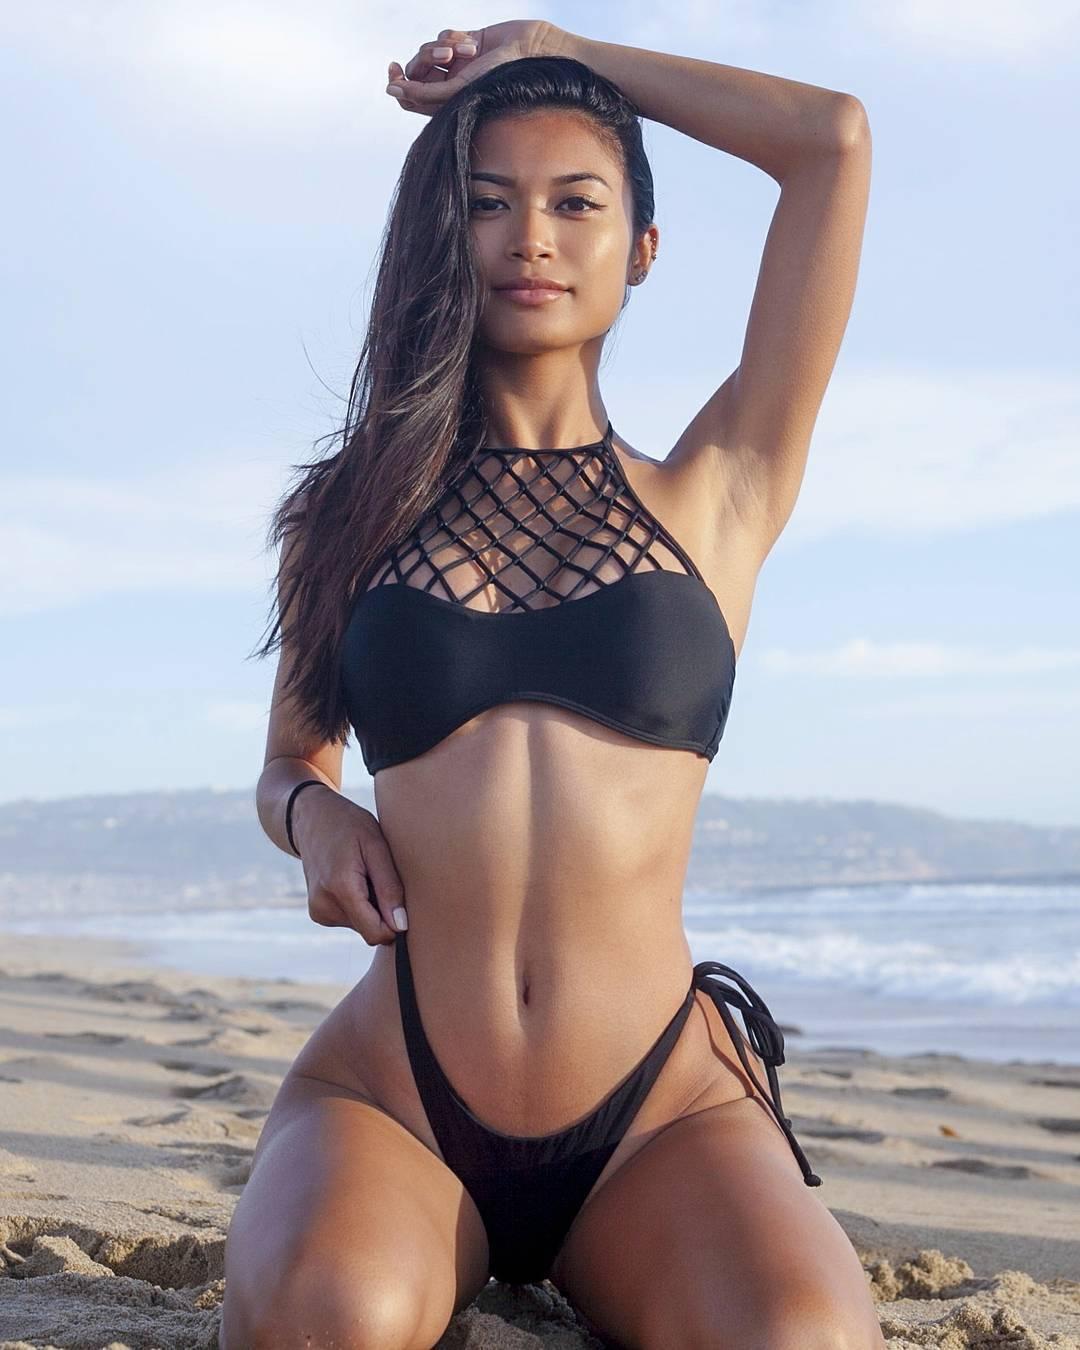 Chanel Hernandez